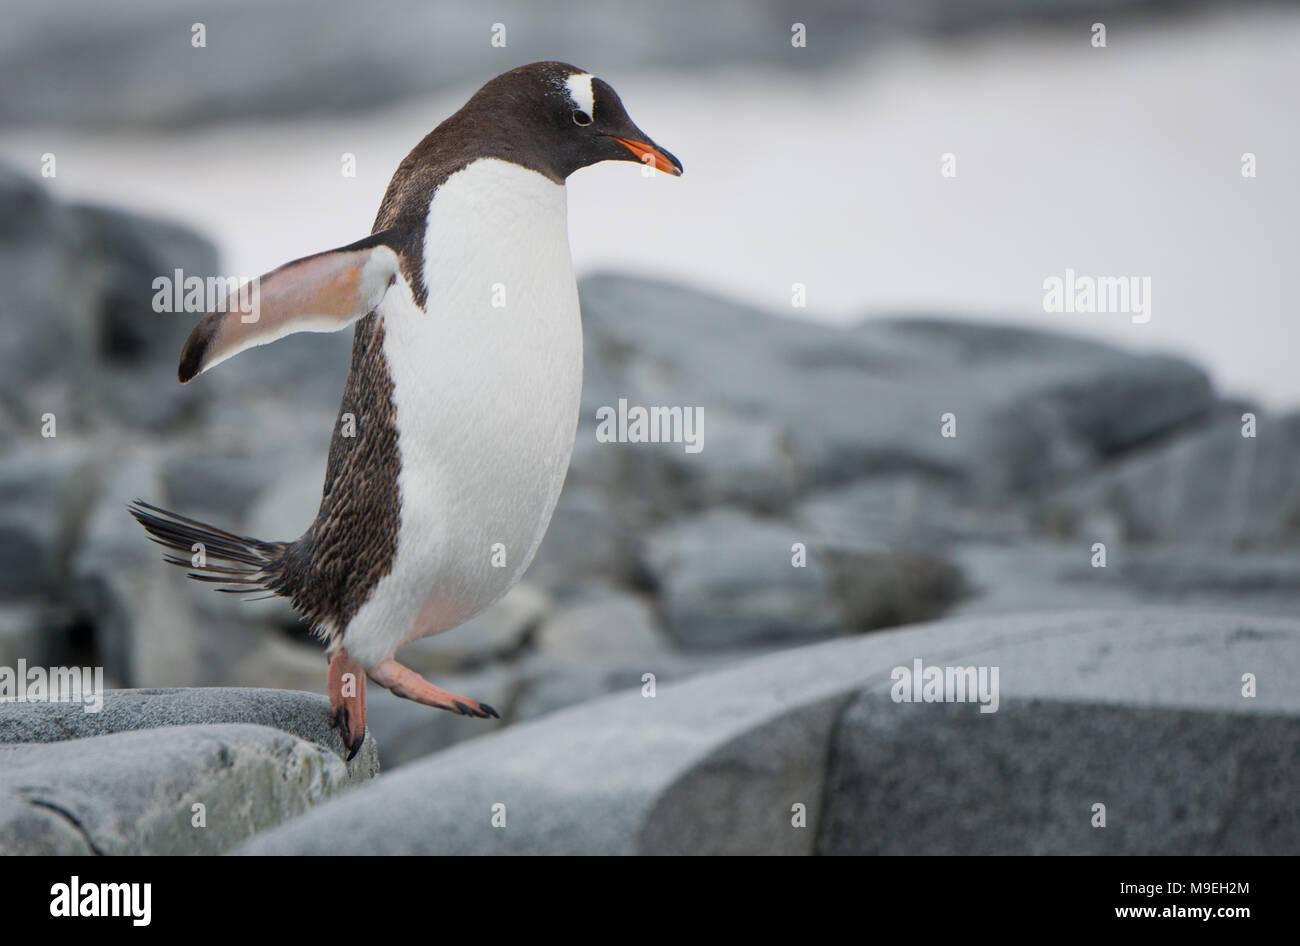 Un pingüinos papúa (Pygoscelis papua) saltando por un camino rocoso en la Antártida Imagen De Stock